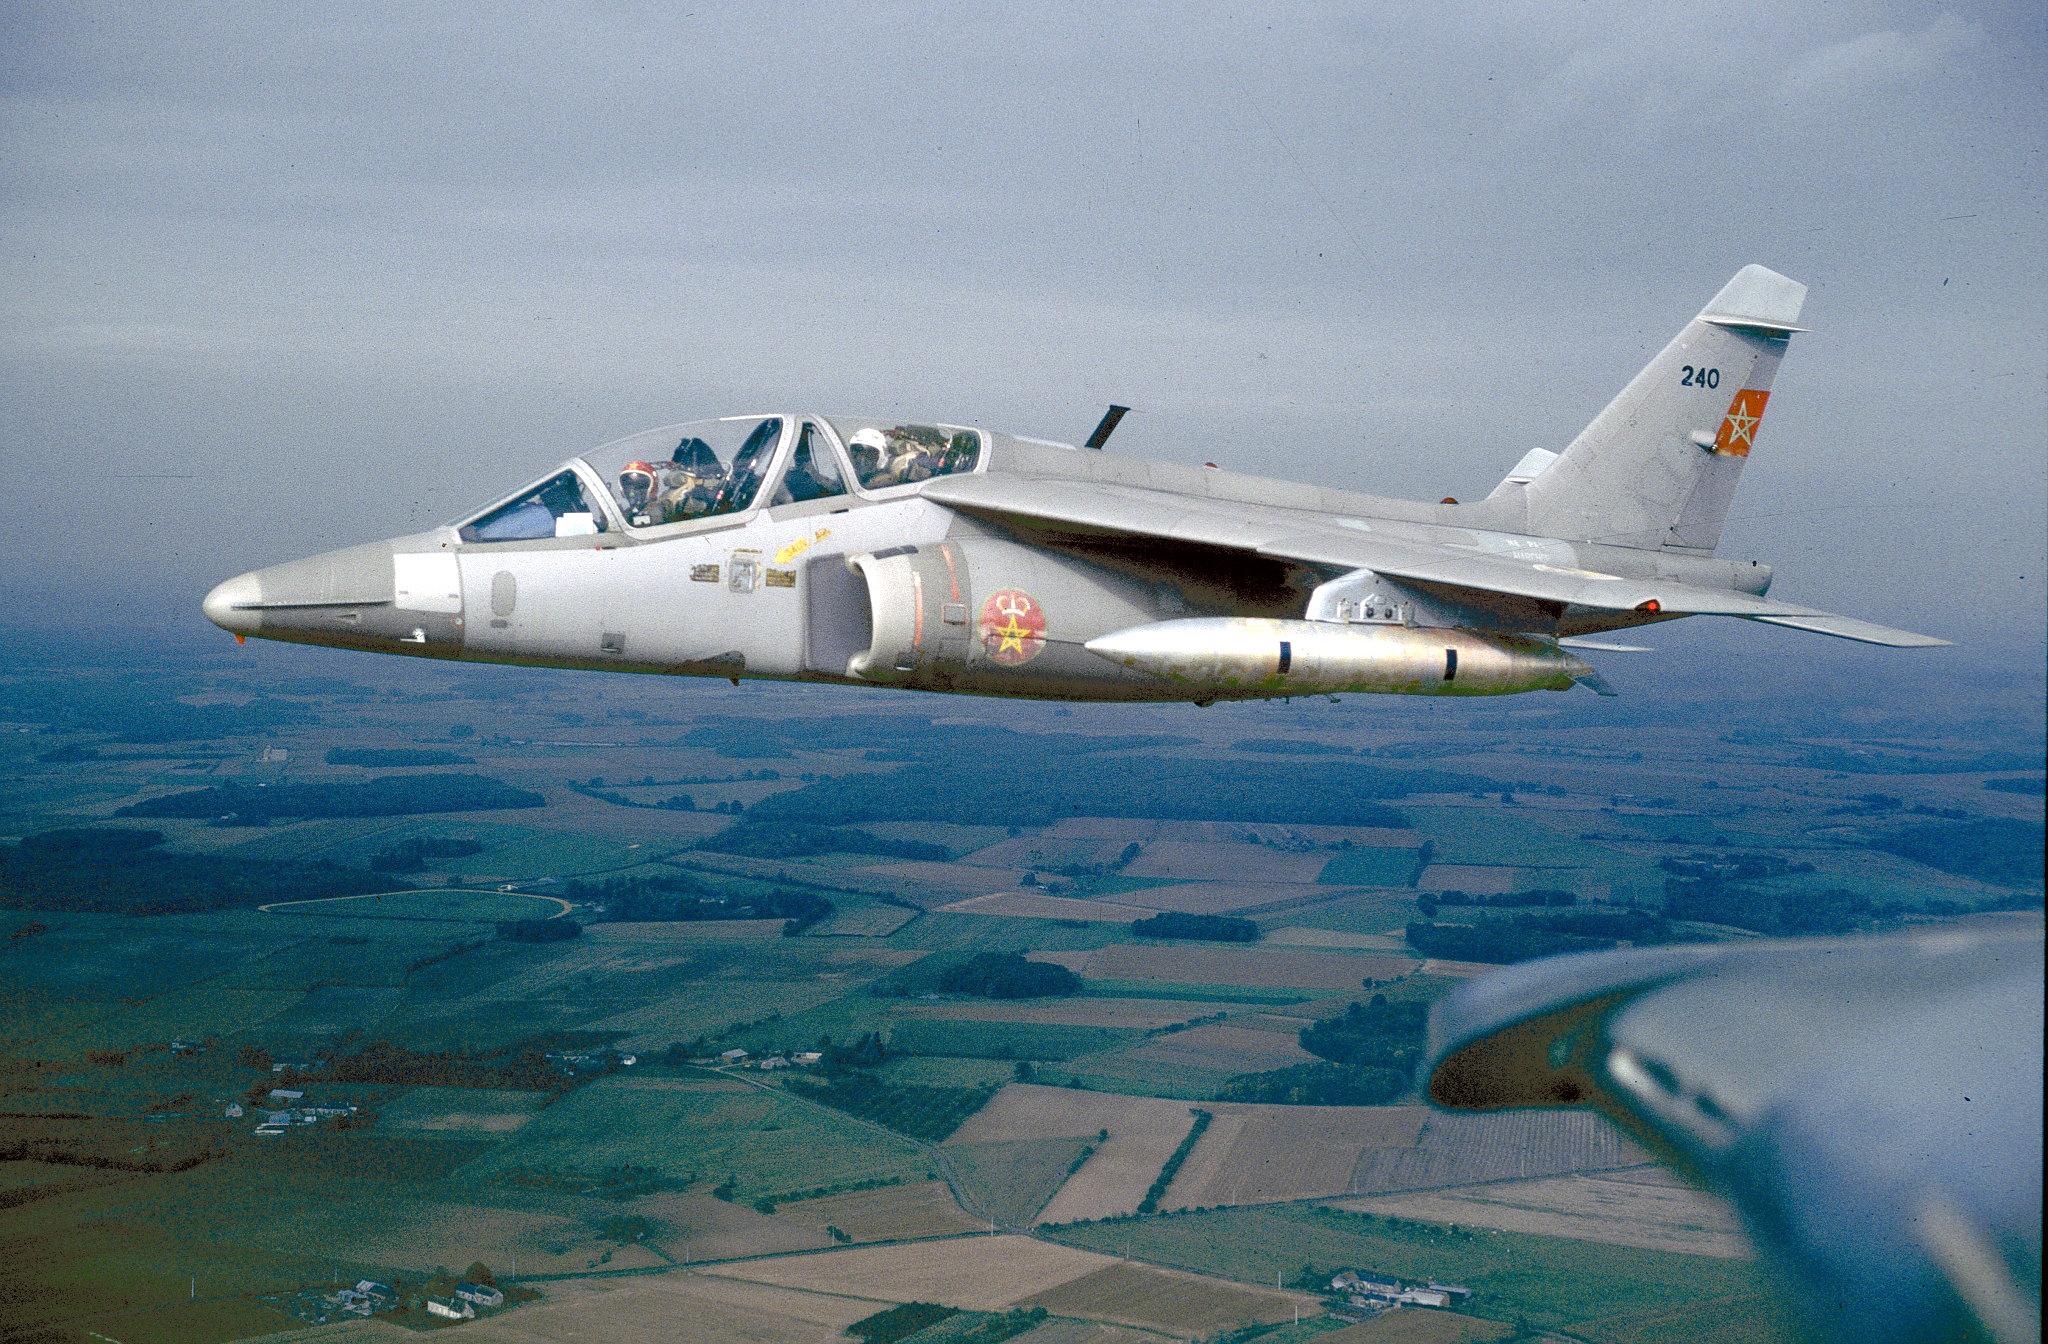 FRA: Photos avions d'entrainement et anti insurrection - Page 9 48921670541_1806faaced_k